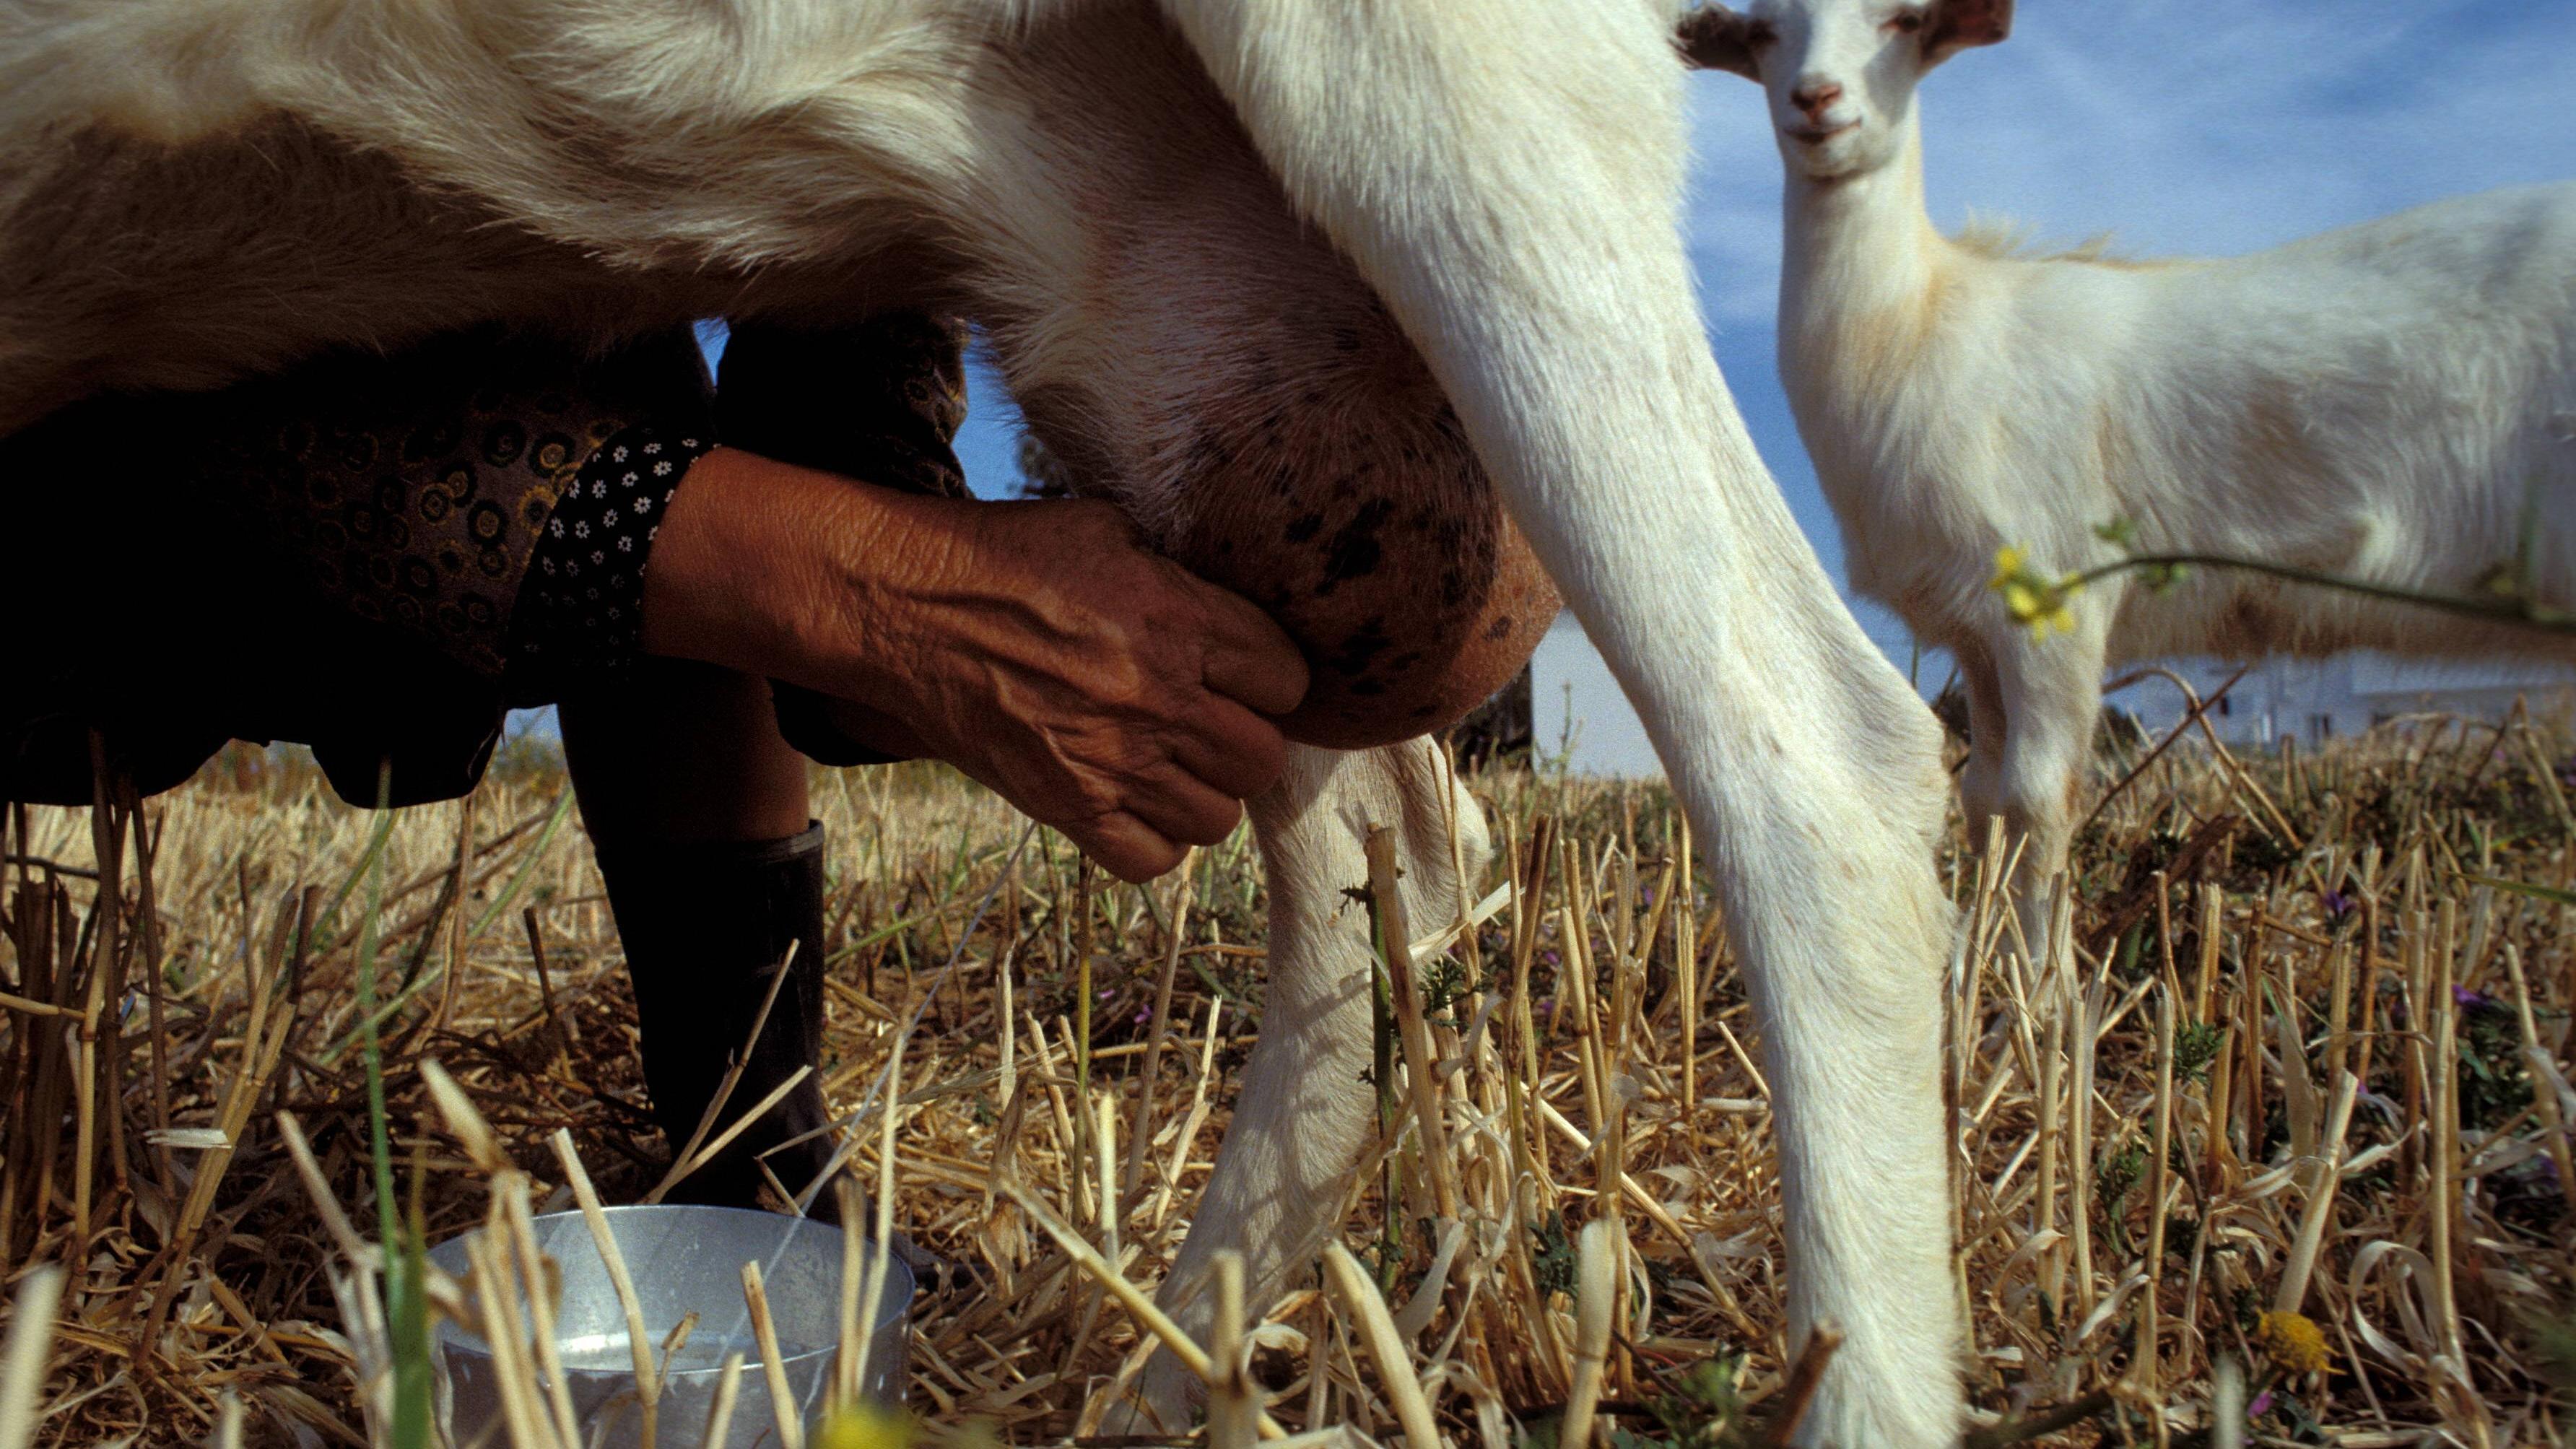 Ziegenmilch enthält viele wichtige Nährstoffe und ist somit durchaus eine Alternative zur Kuhmilch